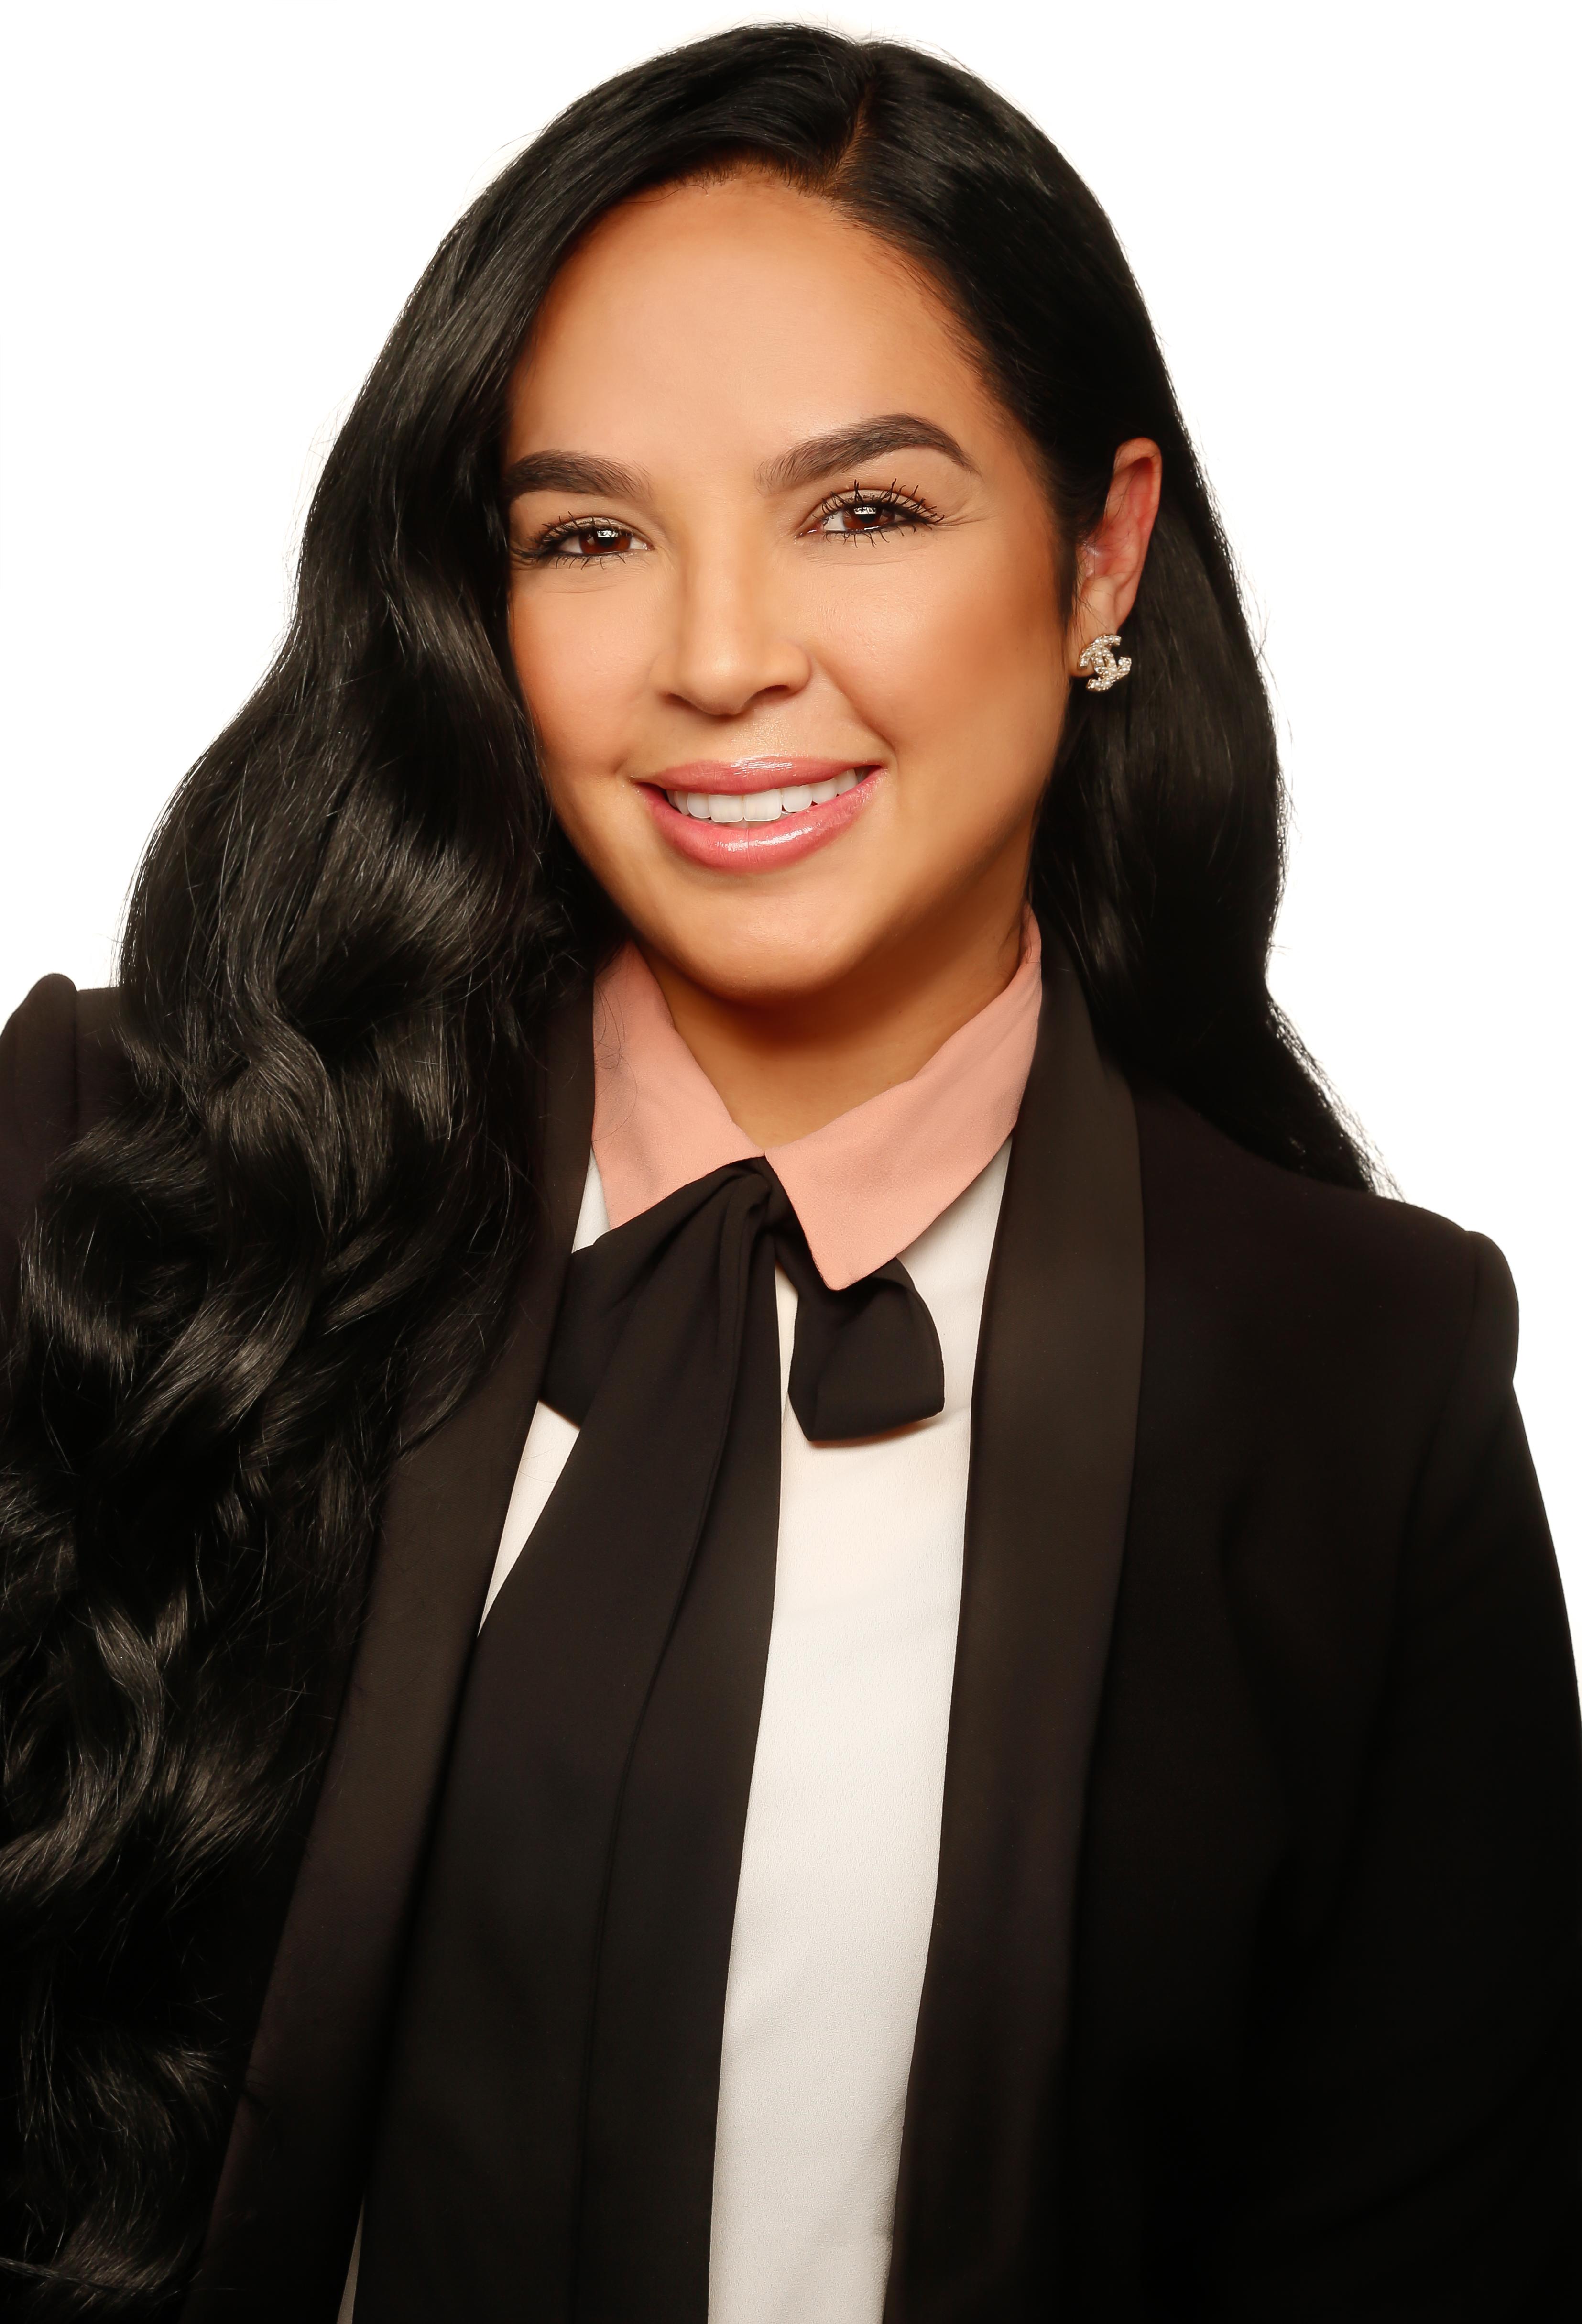 Michelle Rivas